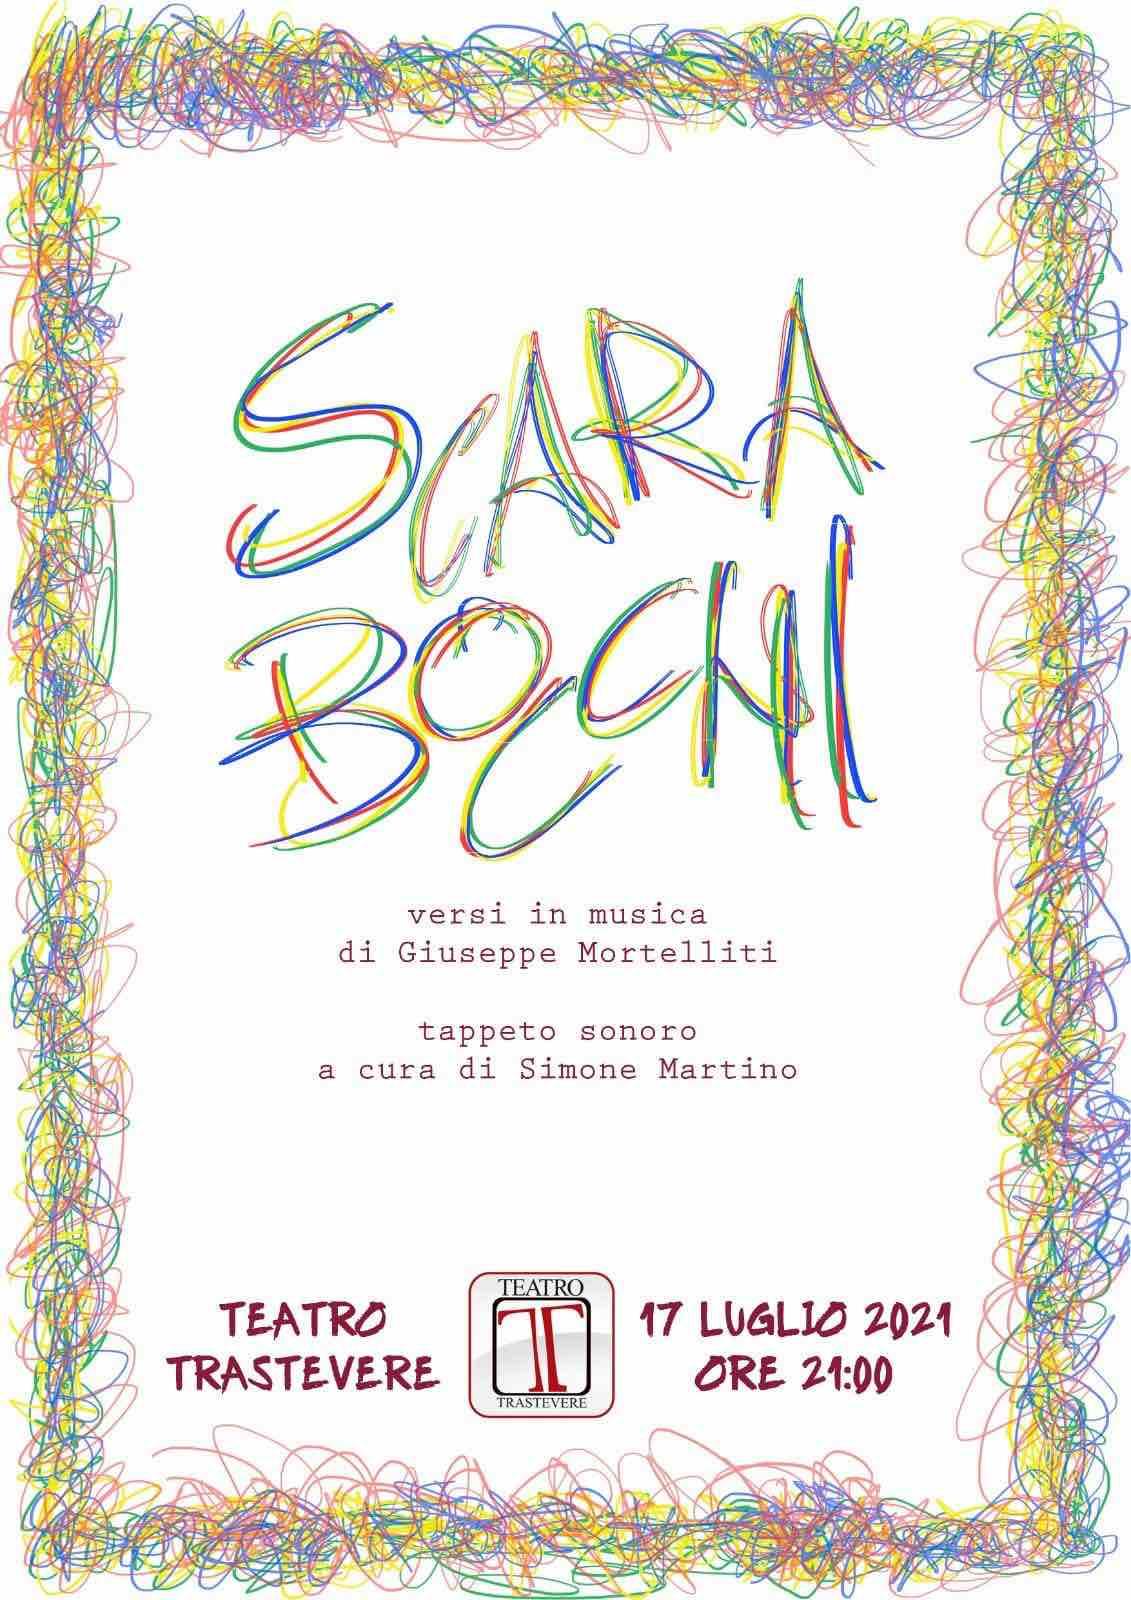 scarabocchi-teatro-trastevere